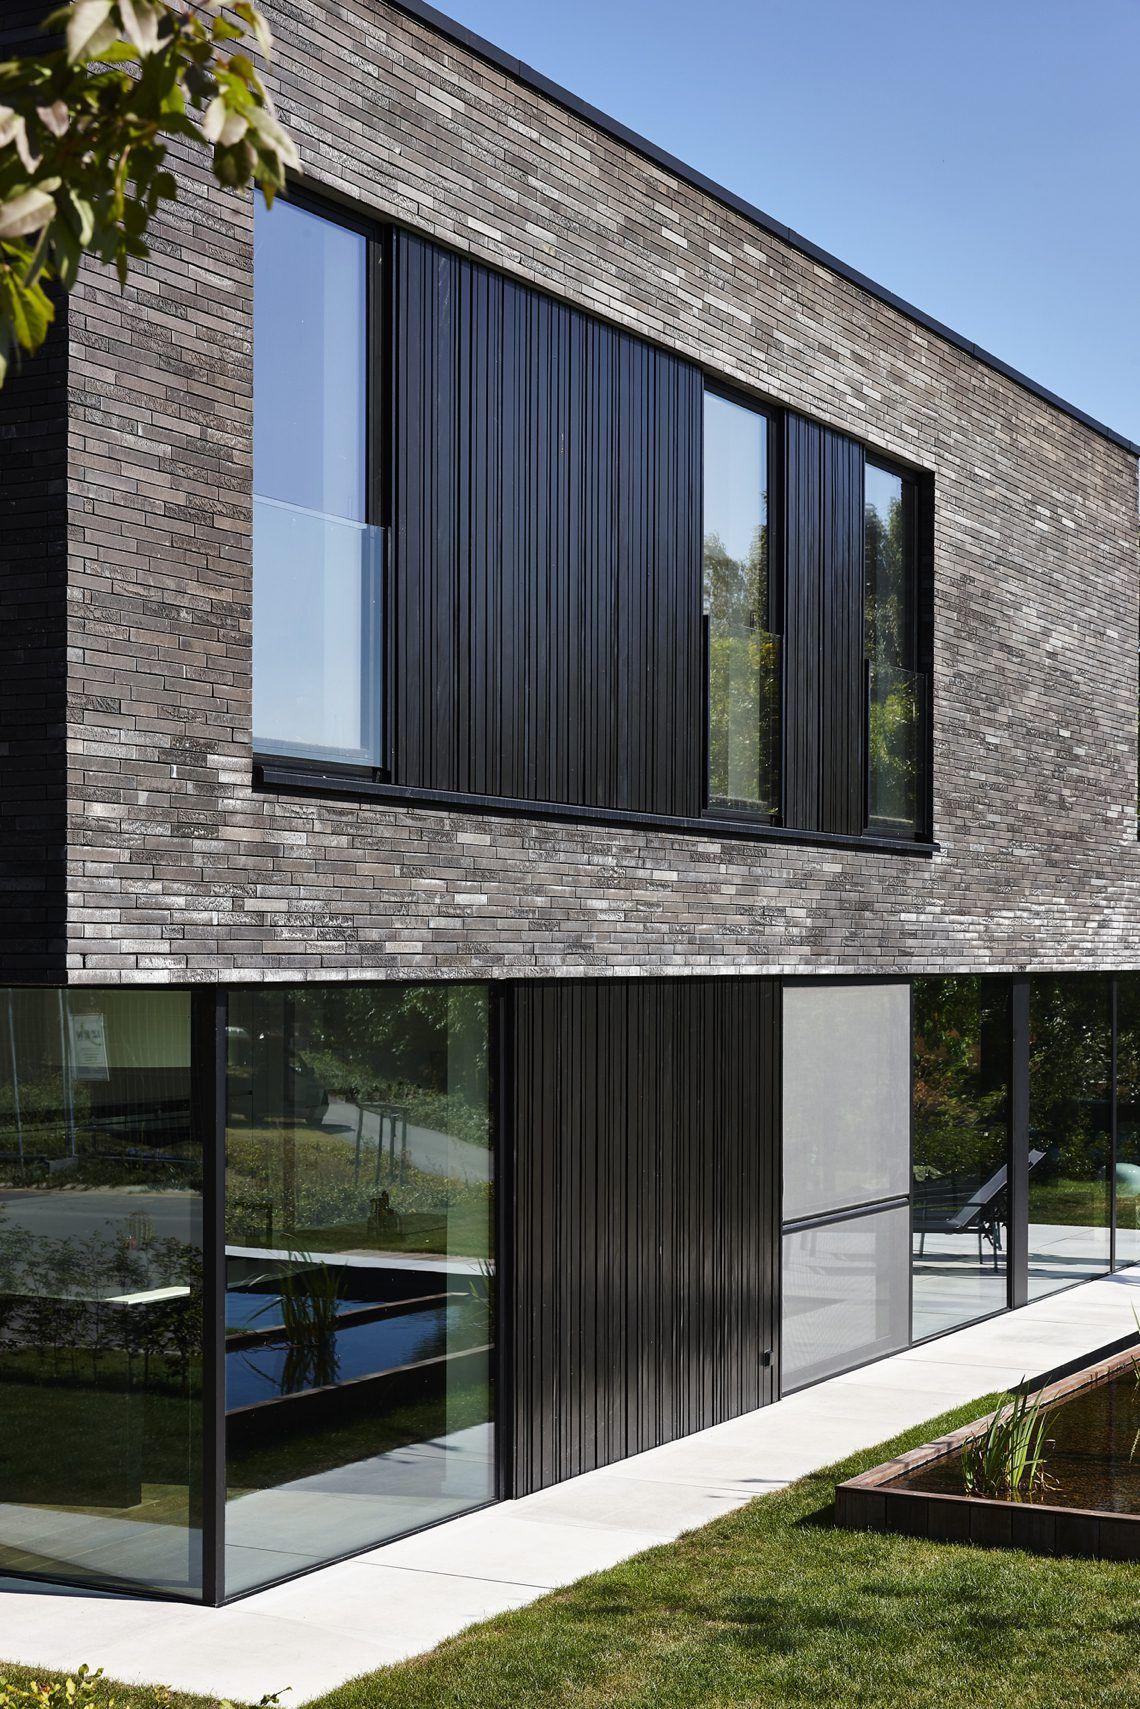 Dumobil villabouw strakke villa met grijze gevelsteen for Moderne villabouw